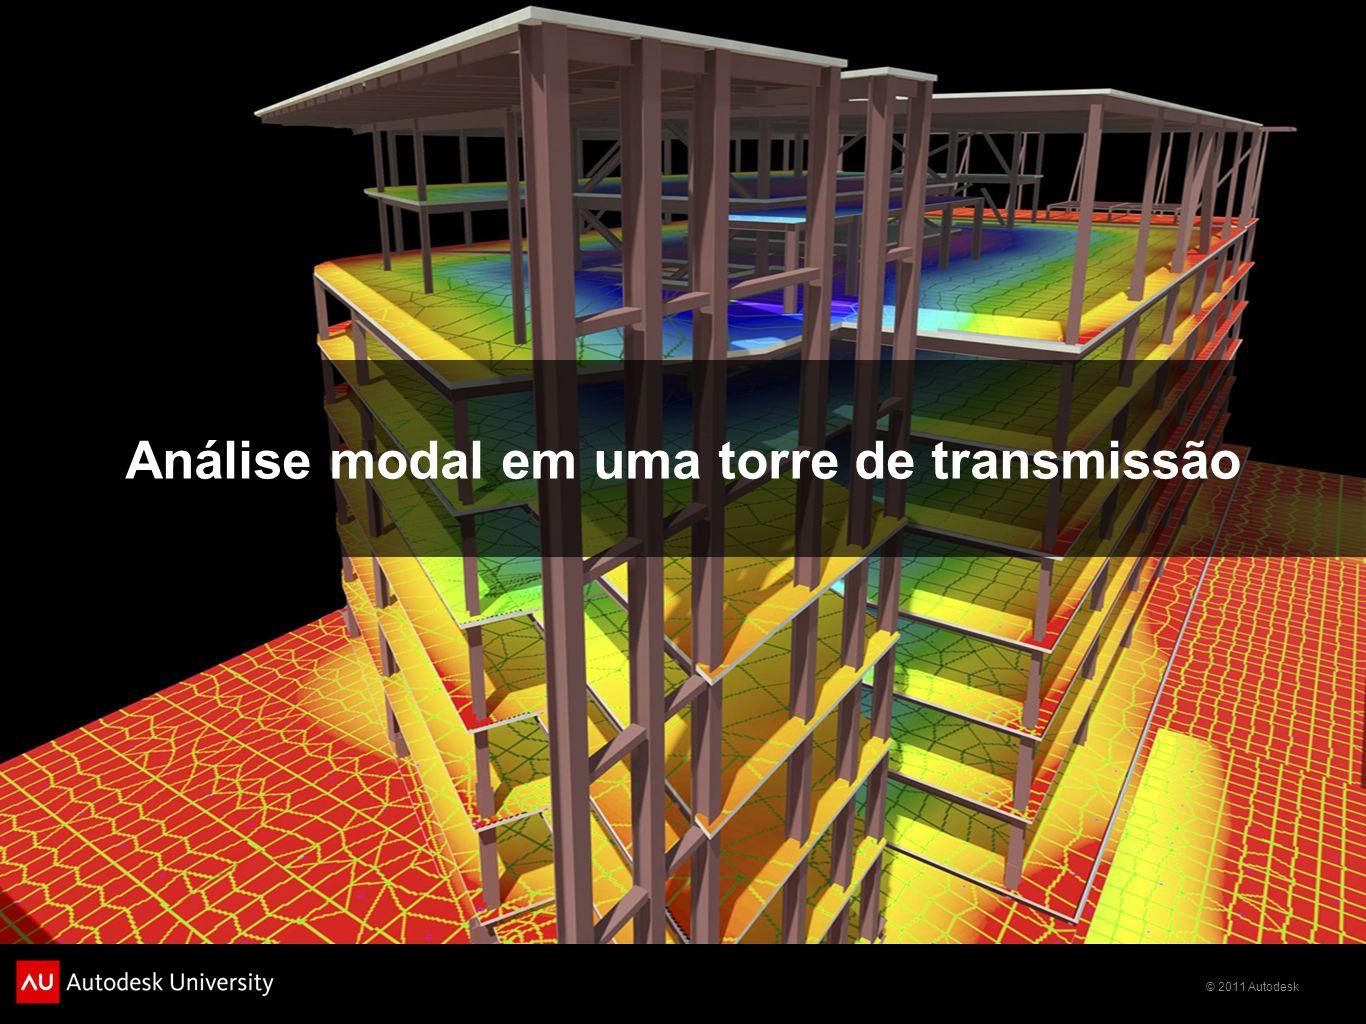 Análise modal em uma torre de transmissão